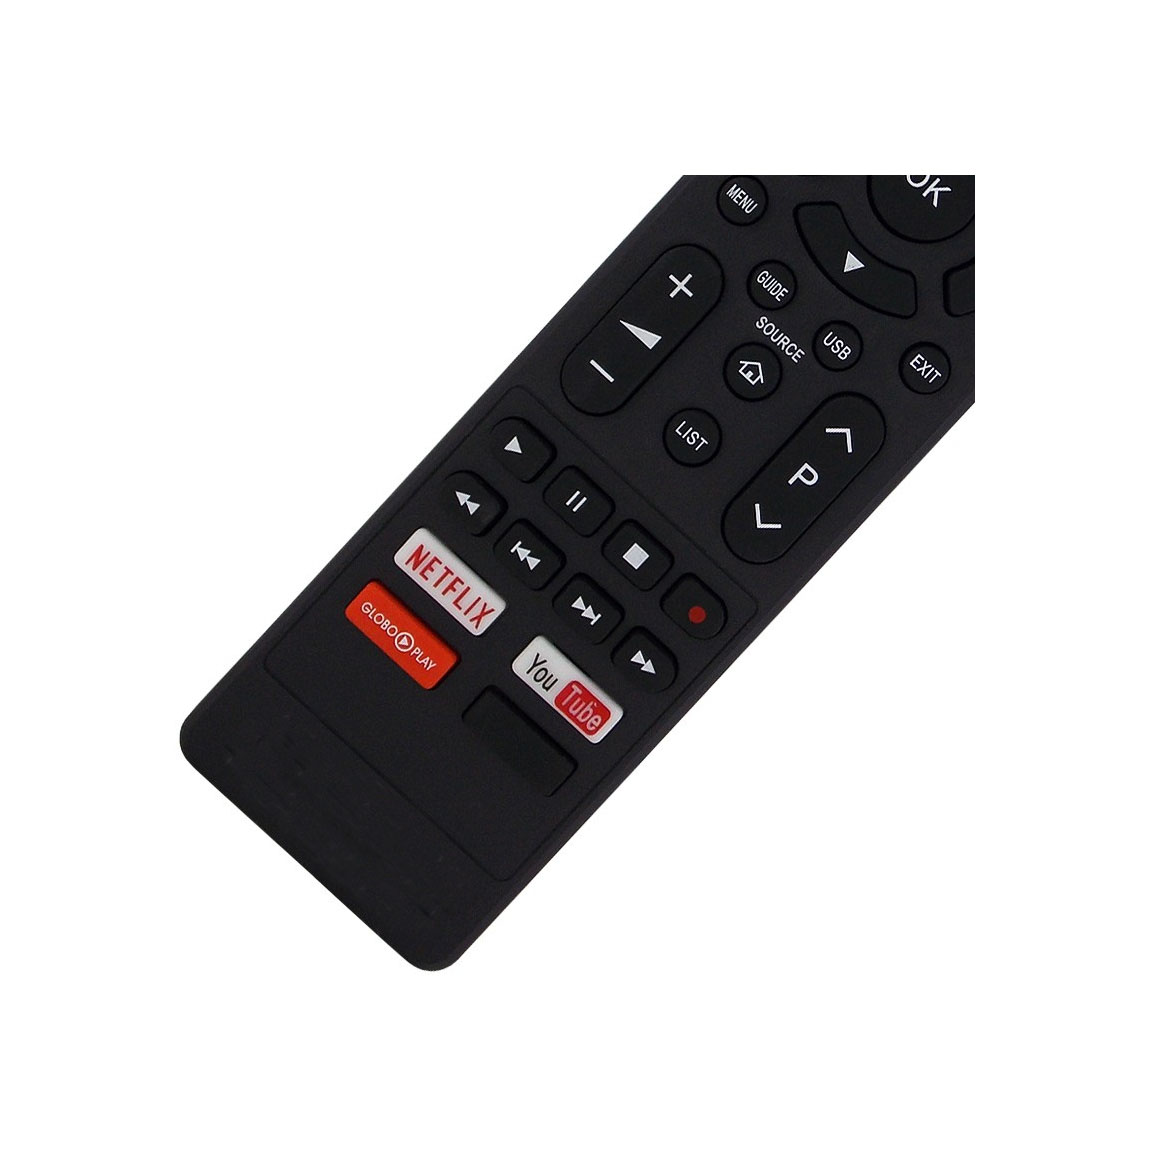 Controle Remoto Smart Tv Philco Britânia Com botão Netflix Youtube Globoplay